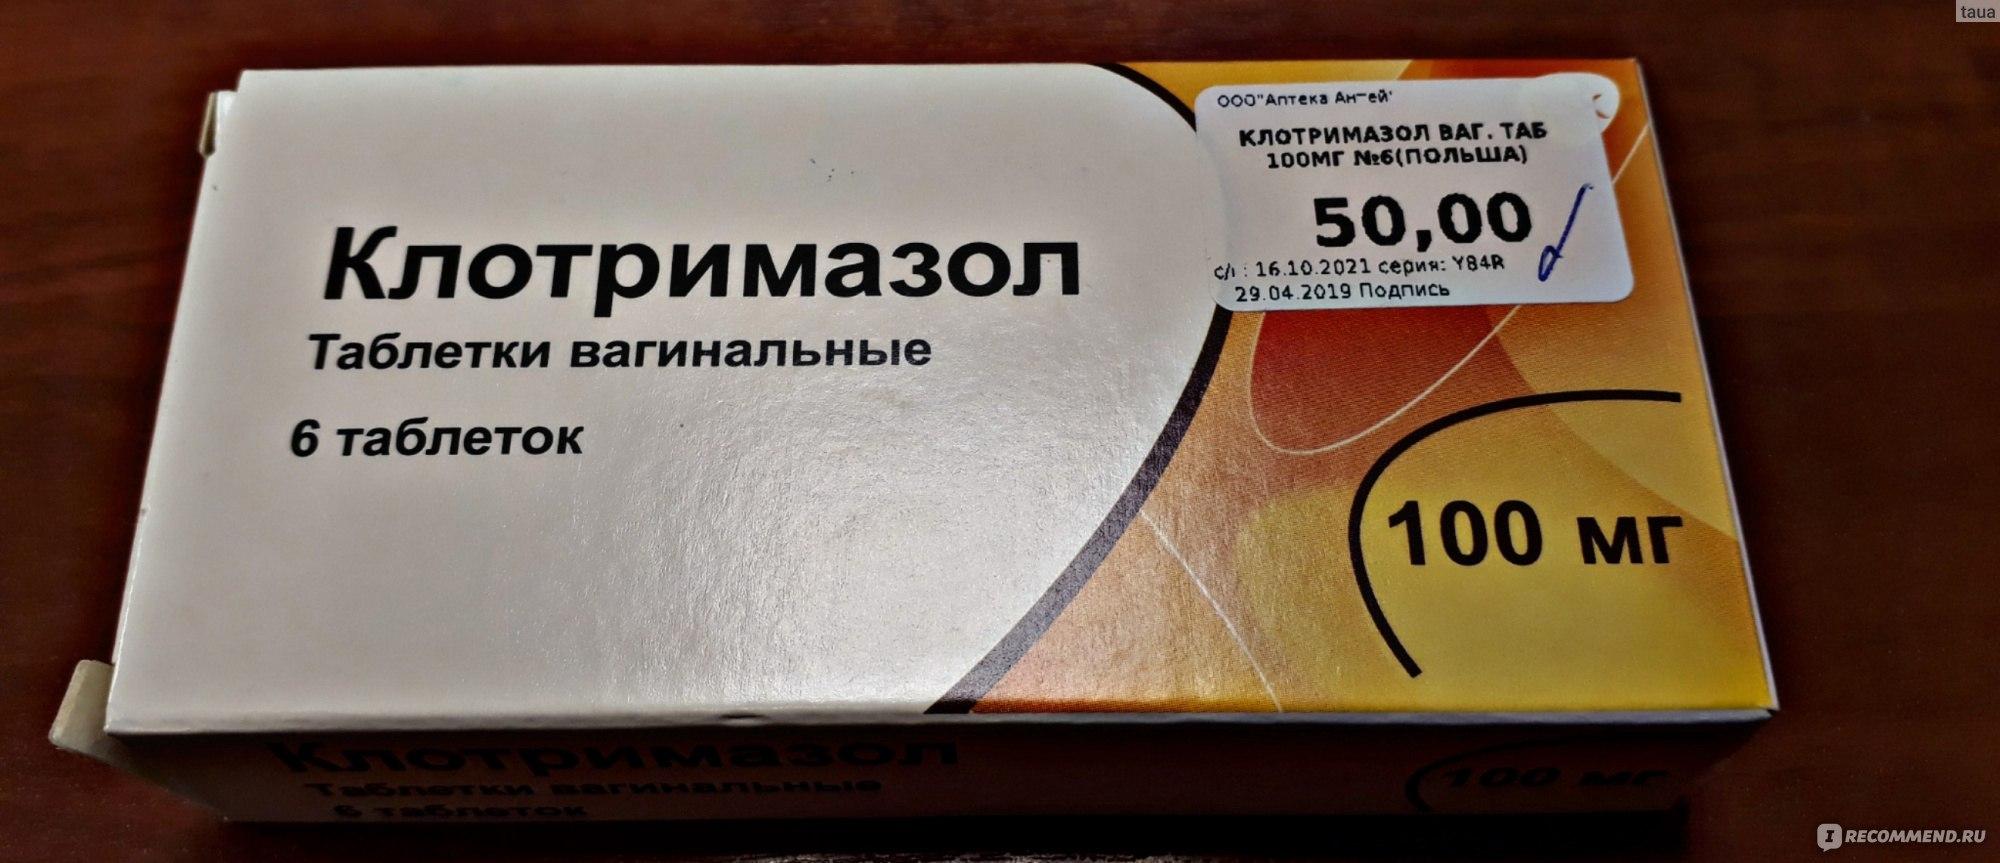 Клотримазол от простатита можно заниматься сексом при лечении простатитом